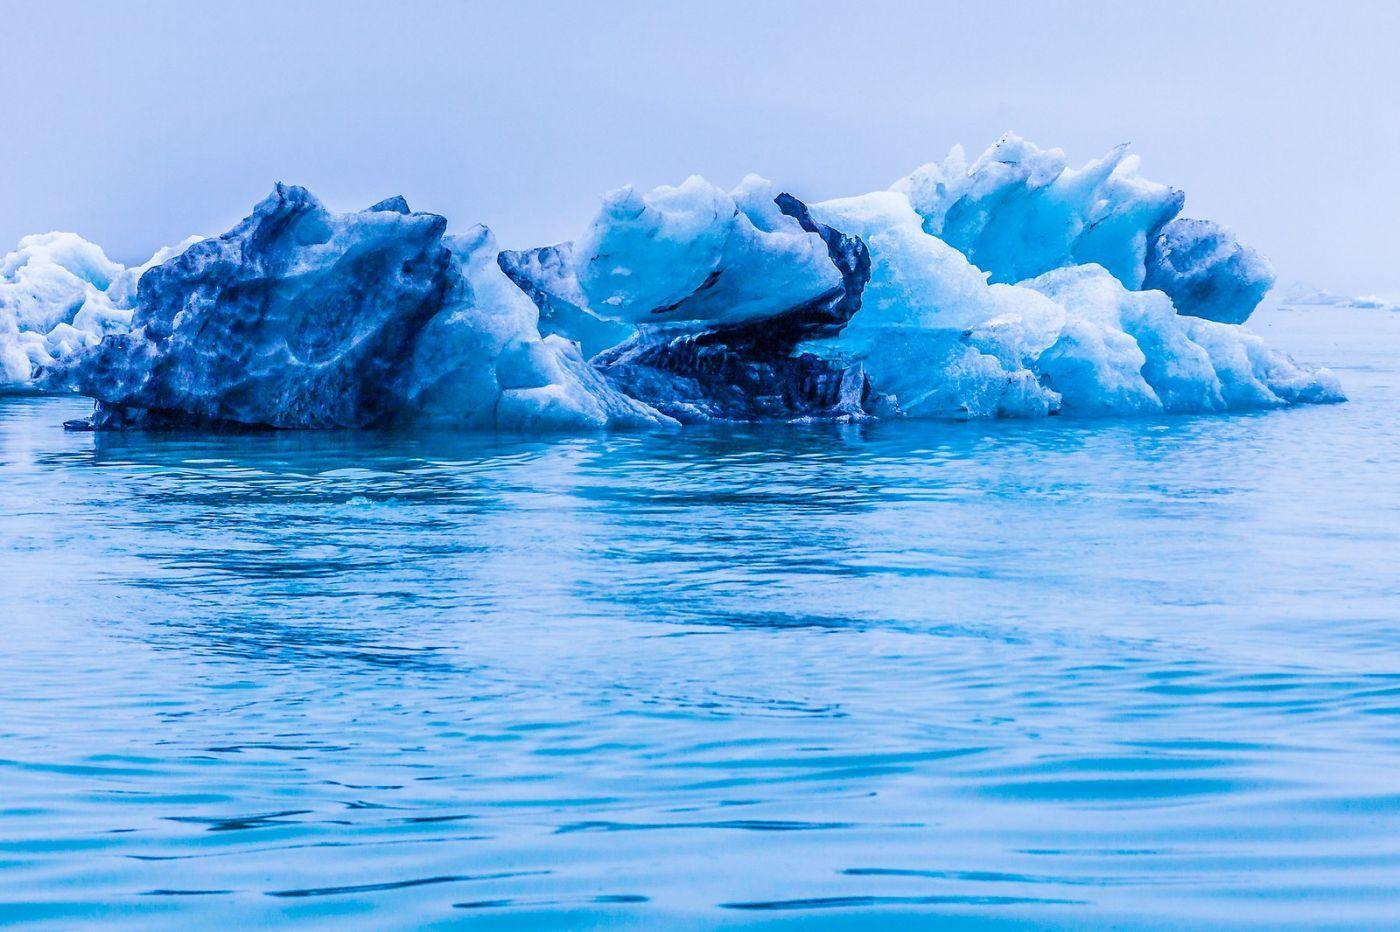 冰岛冰川泻湖(Glacier Lagoon),自然雕塑_图1-29